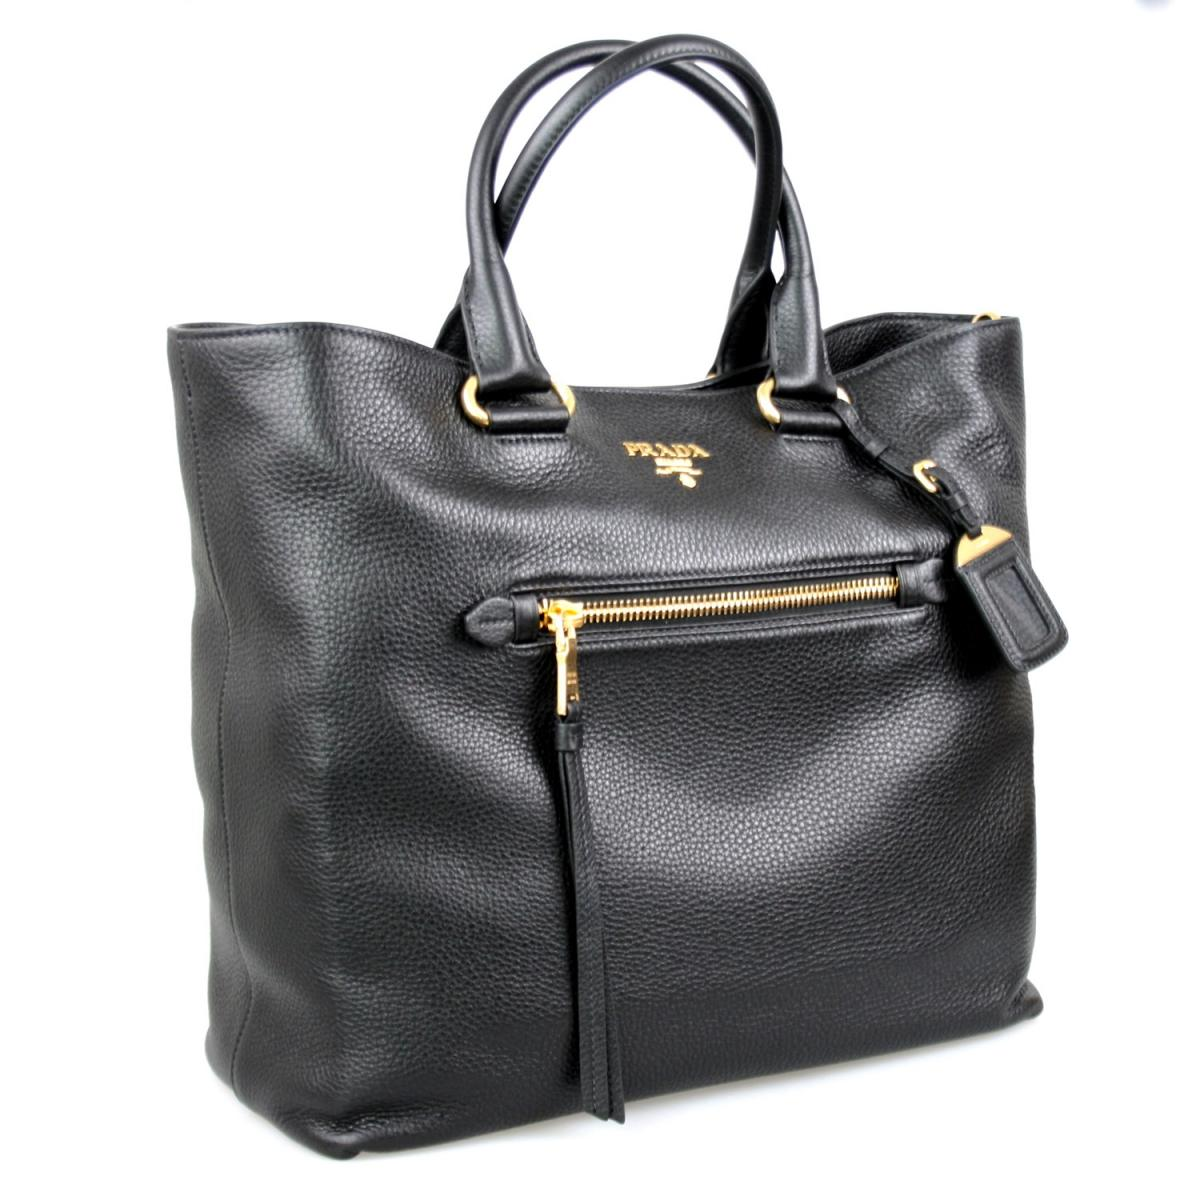 luxus prada tasche shopper handtasche bn2754 schwarz neu new ebay. Black Bedroom Furniture Sets. Home Design Ideas